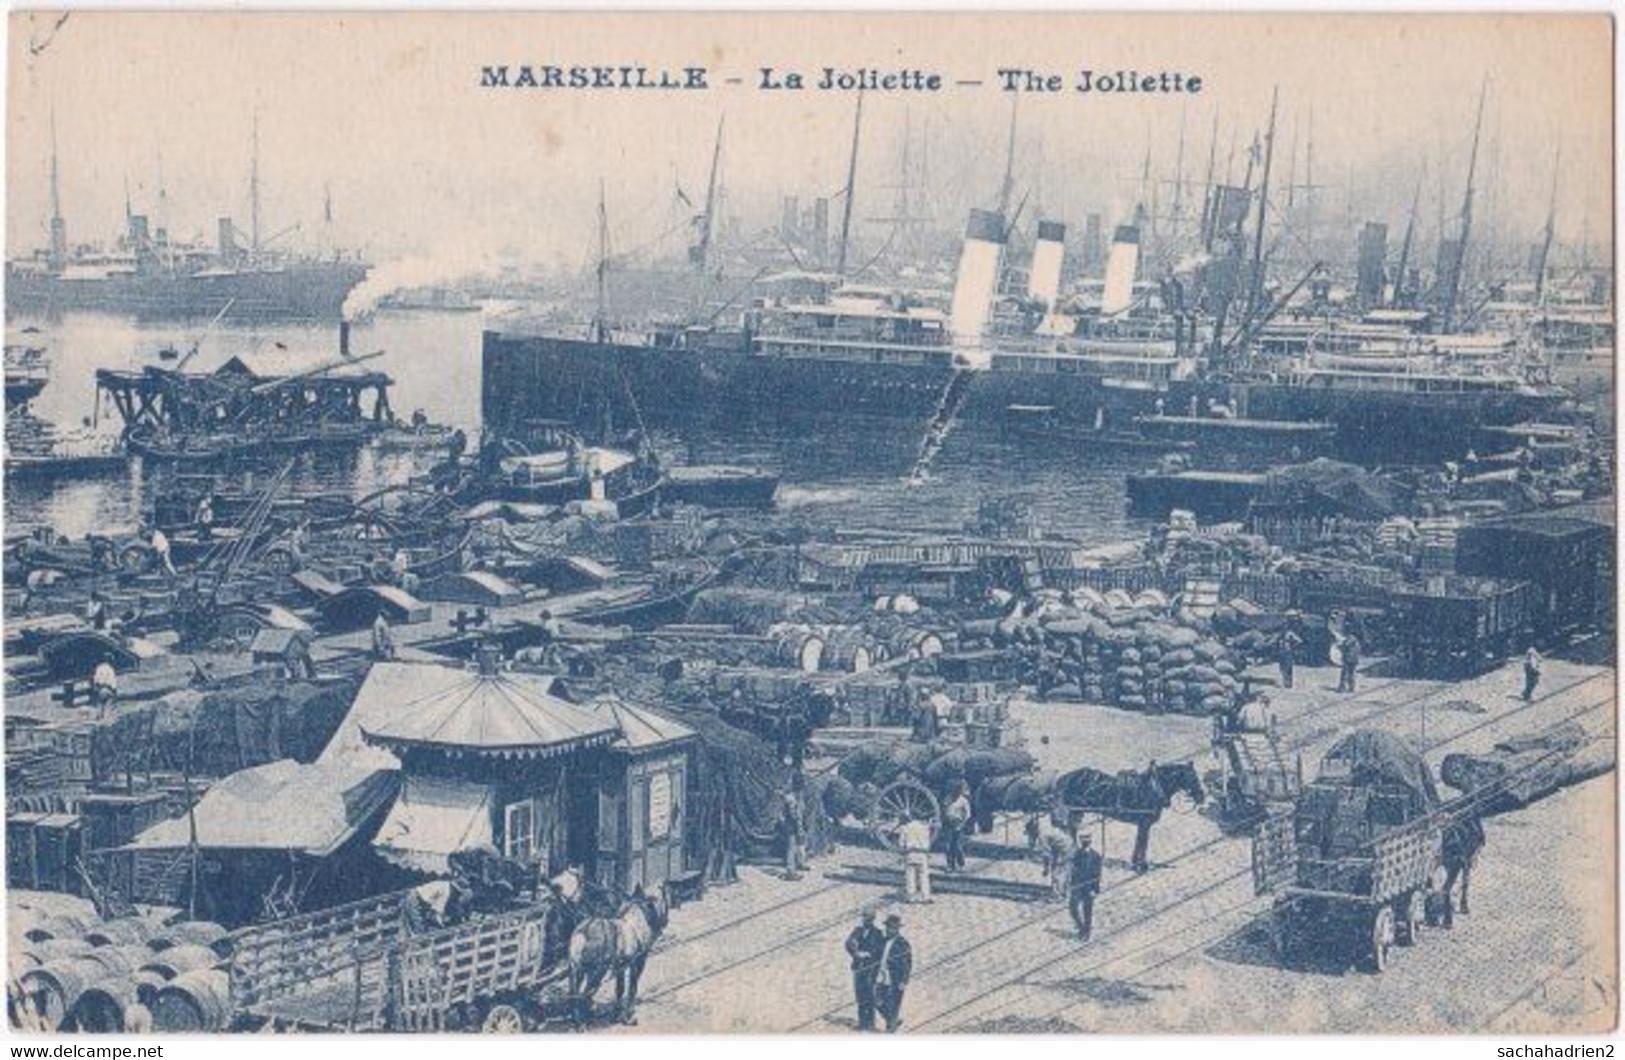 13. MARSEILLE. La Joliette - Joliette, Port Area